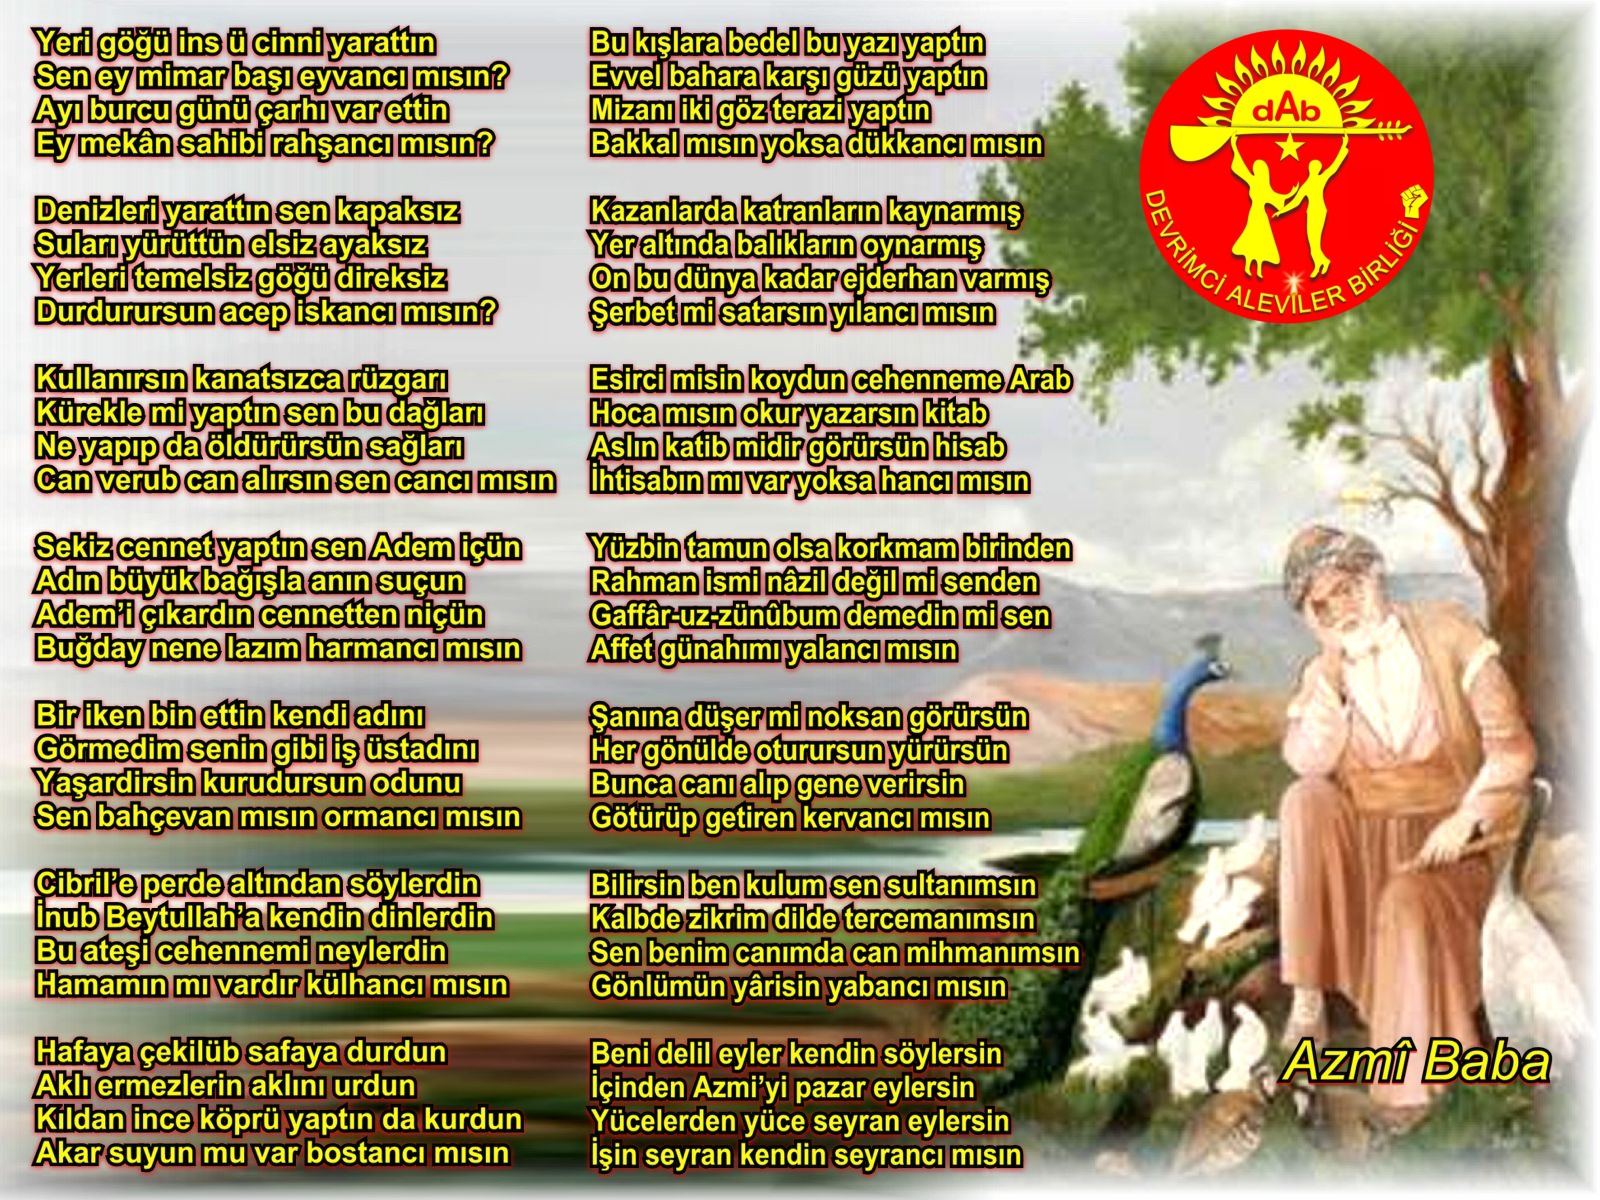 Alevi Bektaşi Kızılbaş Pir Sultan Devrimci Aleviler Birliği DAB asimazmi baba